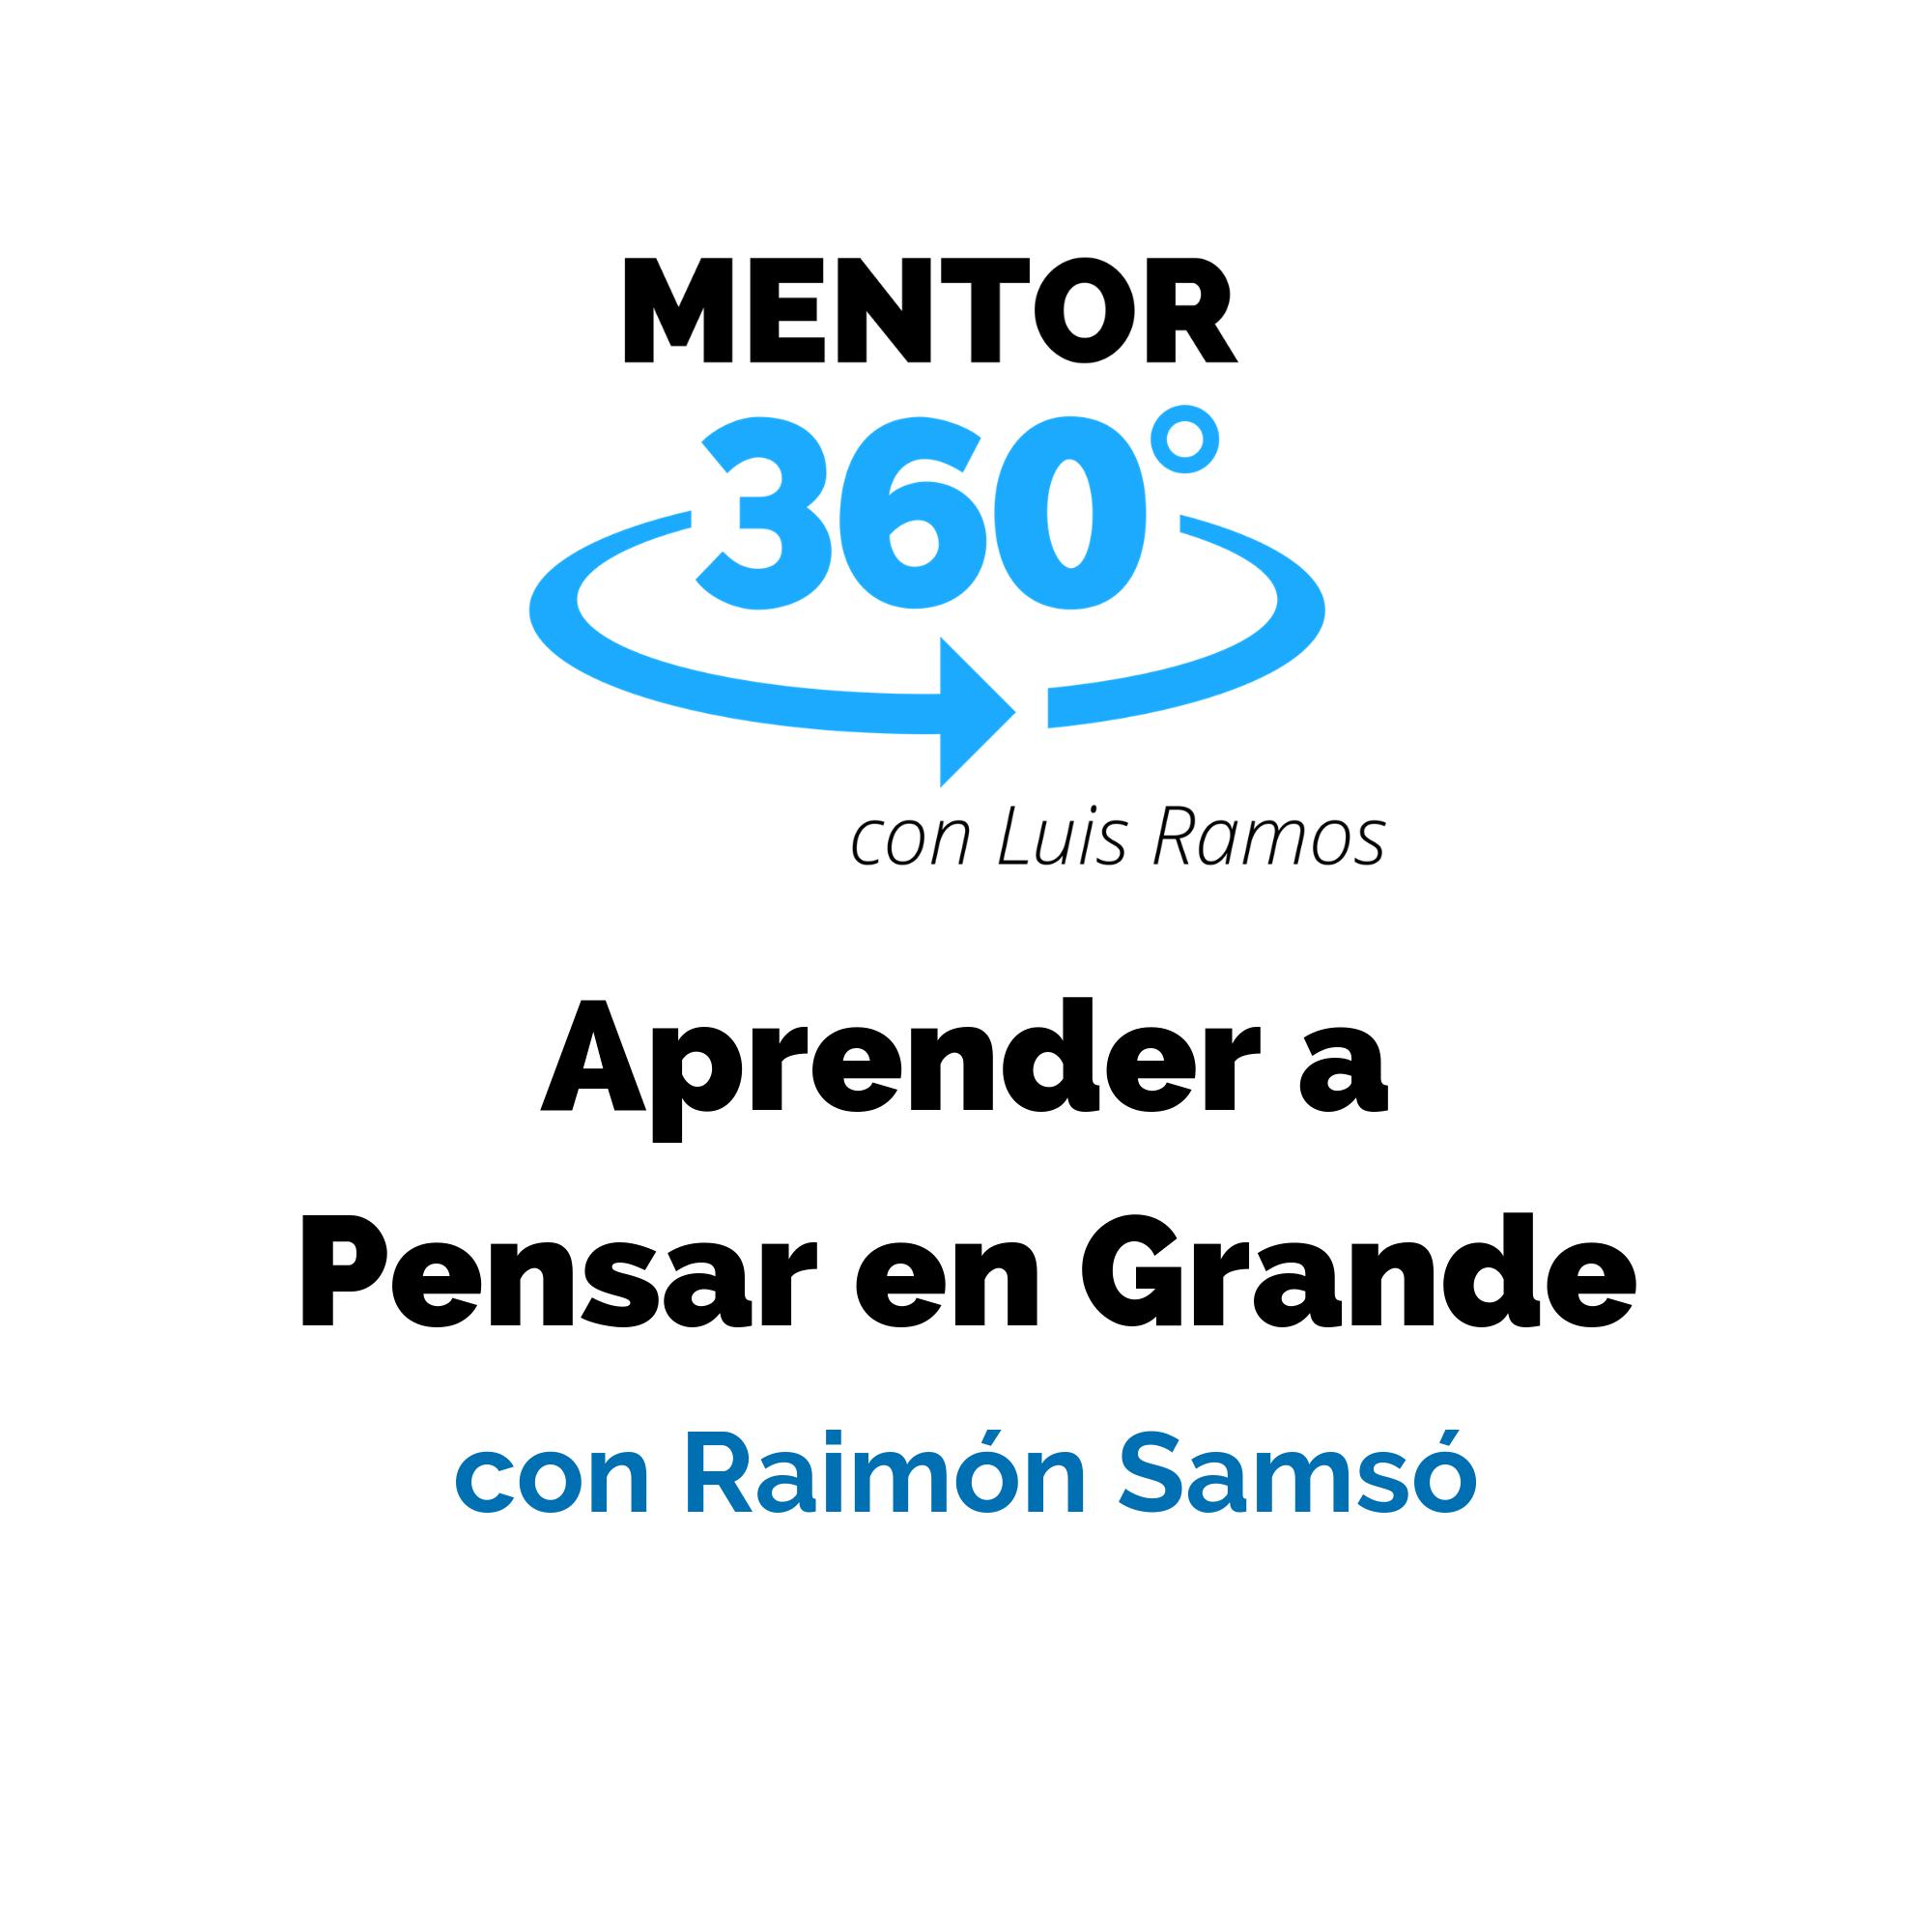 Aprender a Pensar en Grande, con Raimón Samsó - MENTOR360